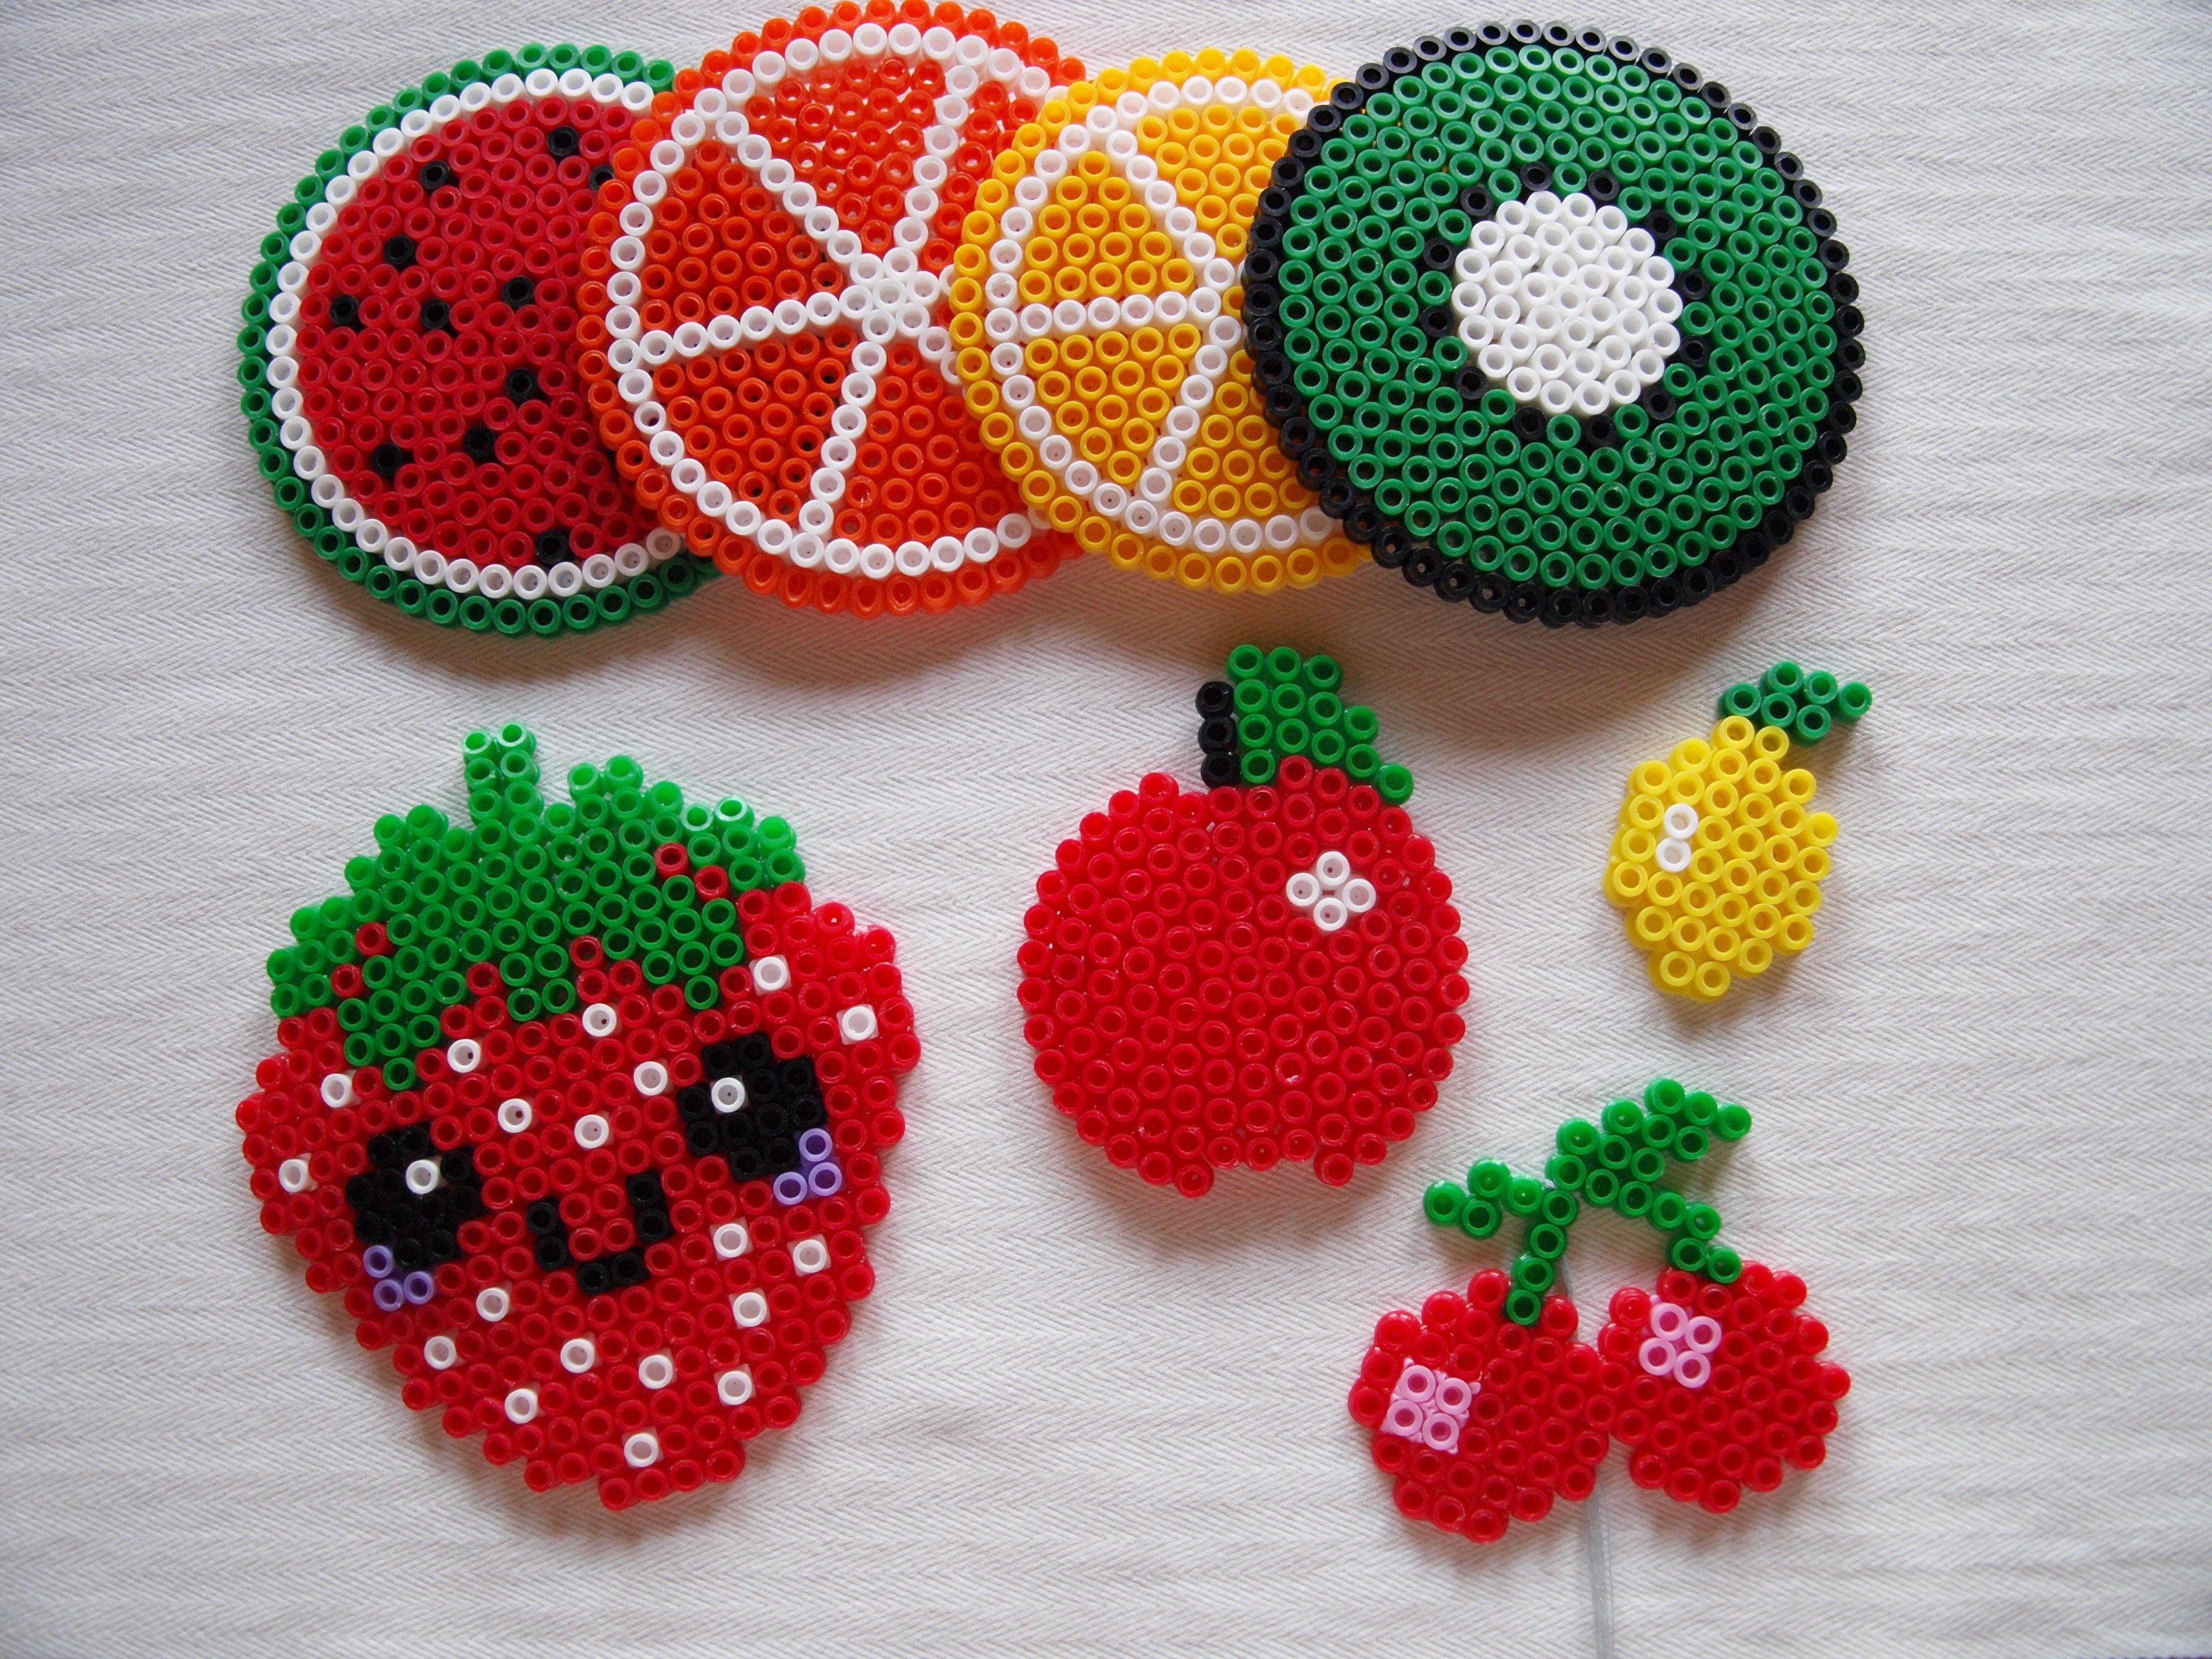 Obst & Früchte Untersetzer aus Bügelperlen Apfel, Kiwi, Zitrone ...